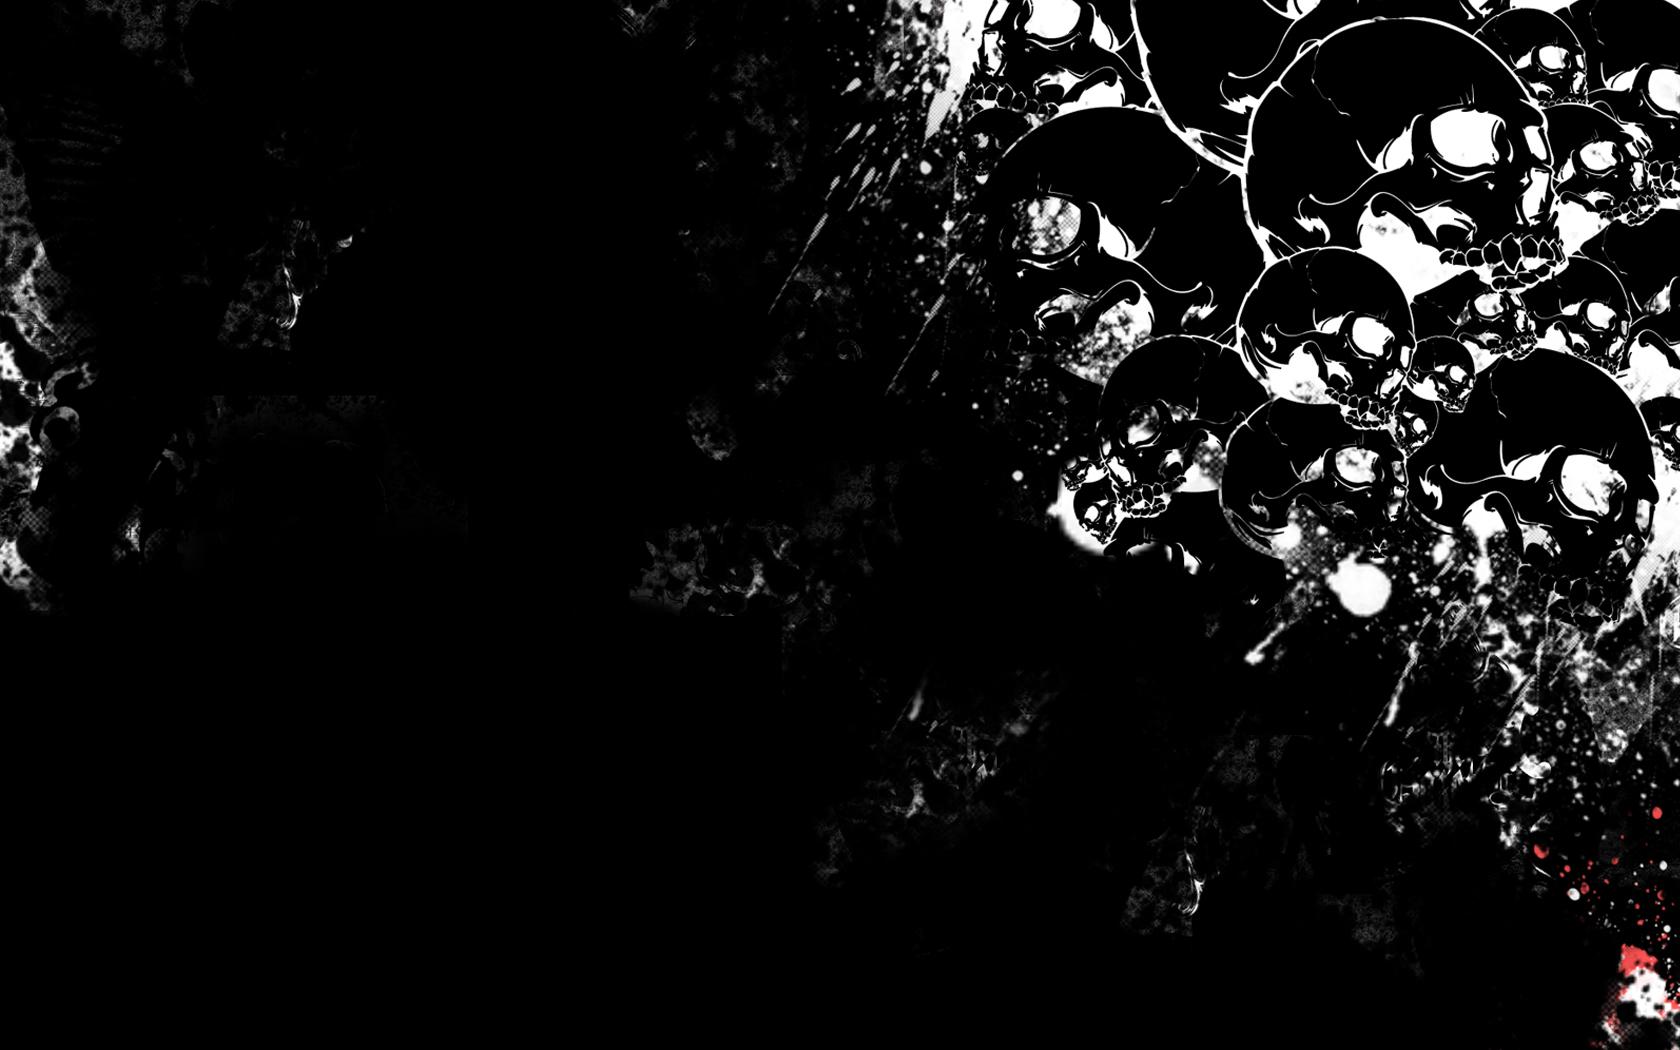 Dark   Skull Wallpaper 1680x1050